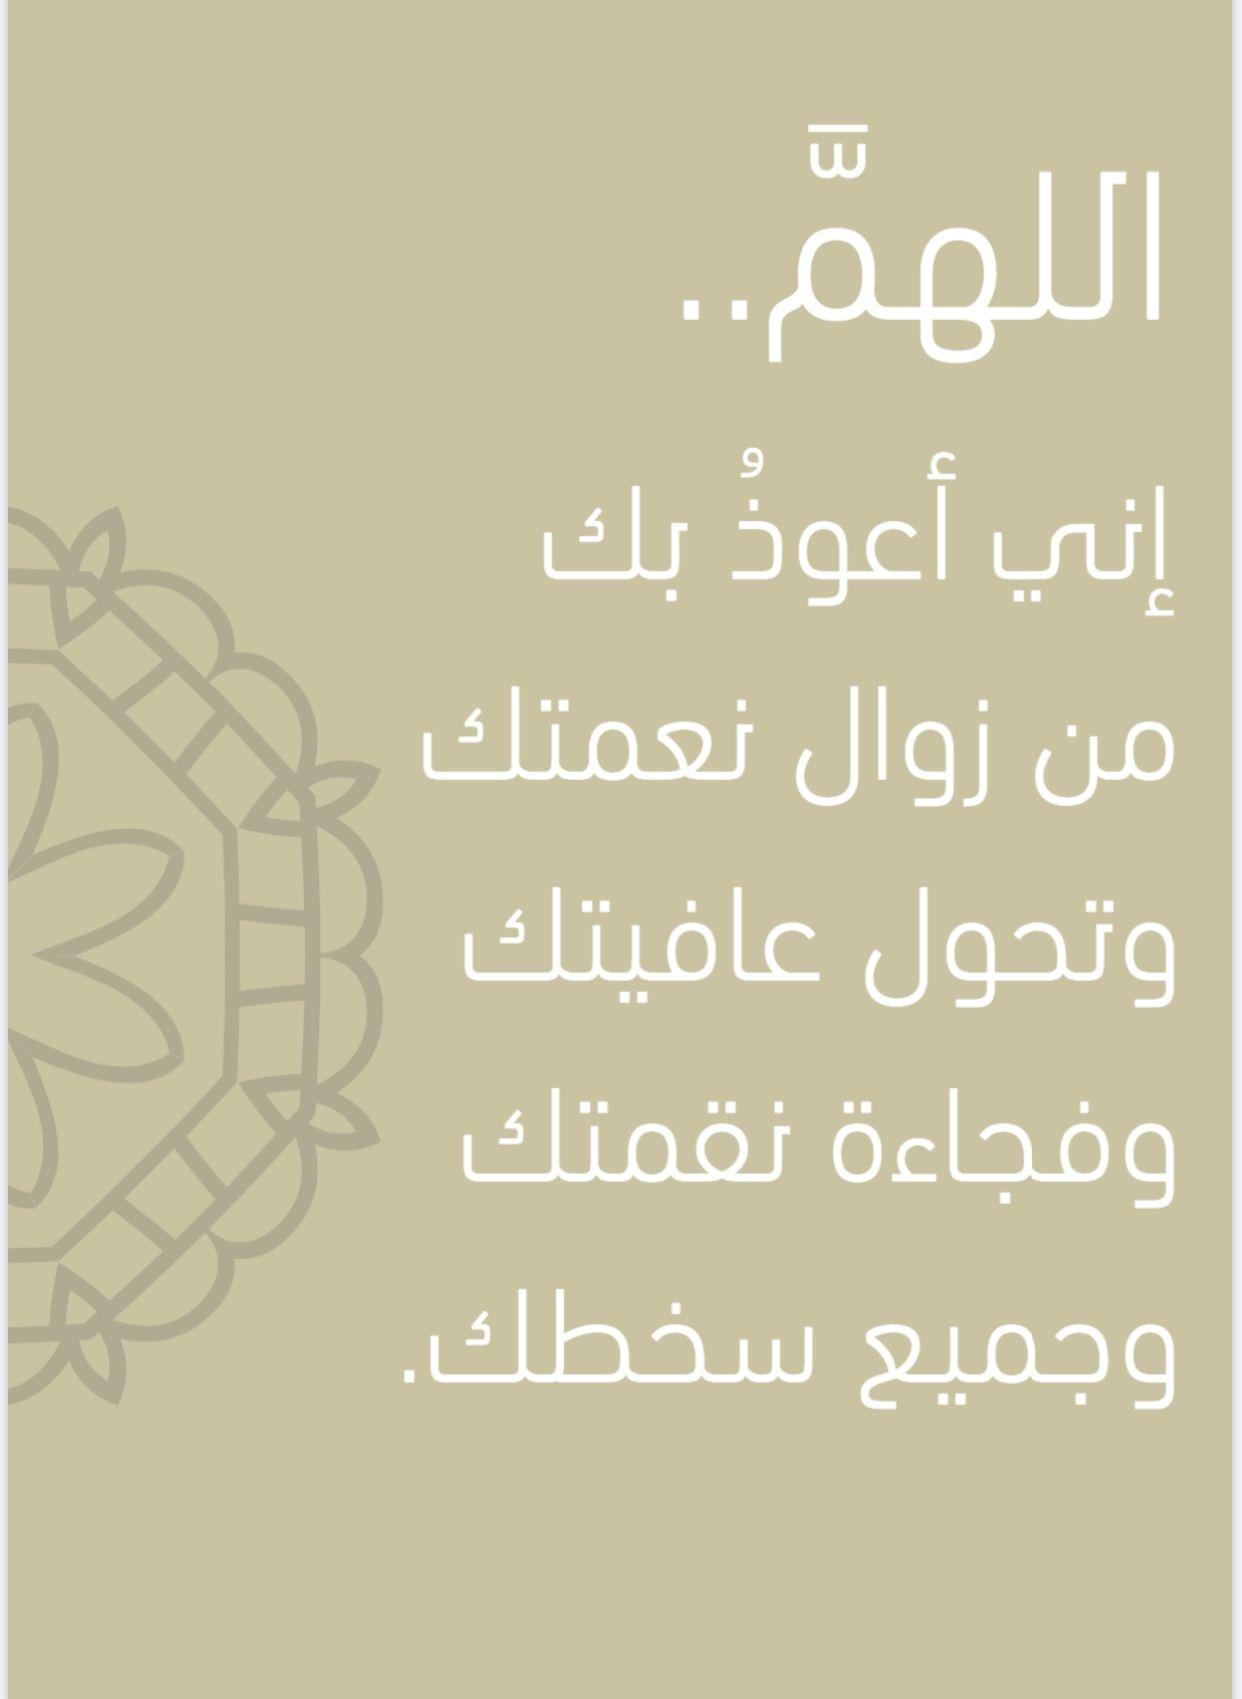 ادعية رمضان دعاء ليلة القدر صور اقتباس اقتباسات مقولات حكم Quotations Good Morning Coffee Islam